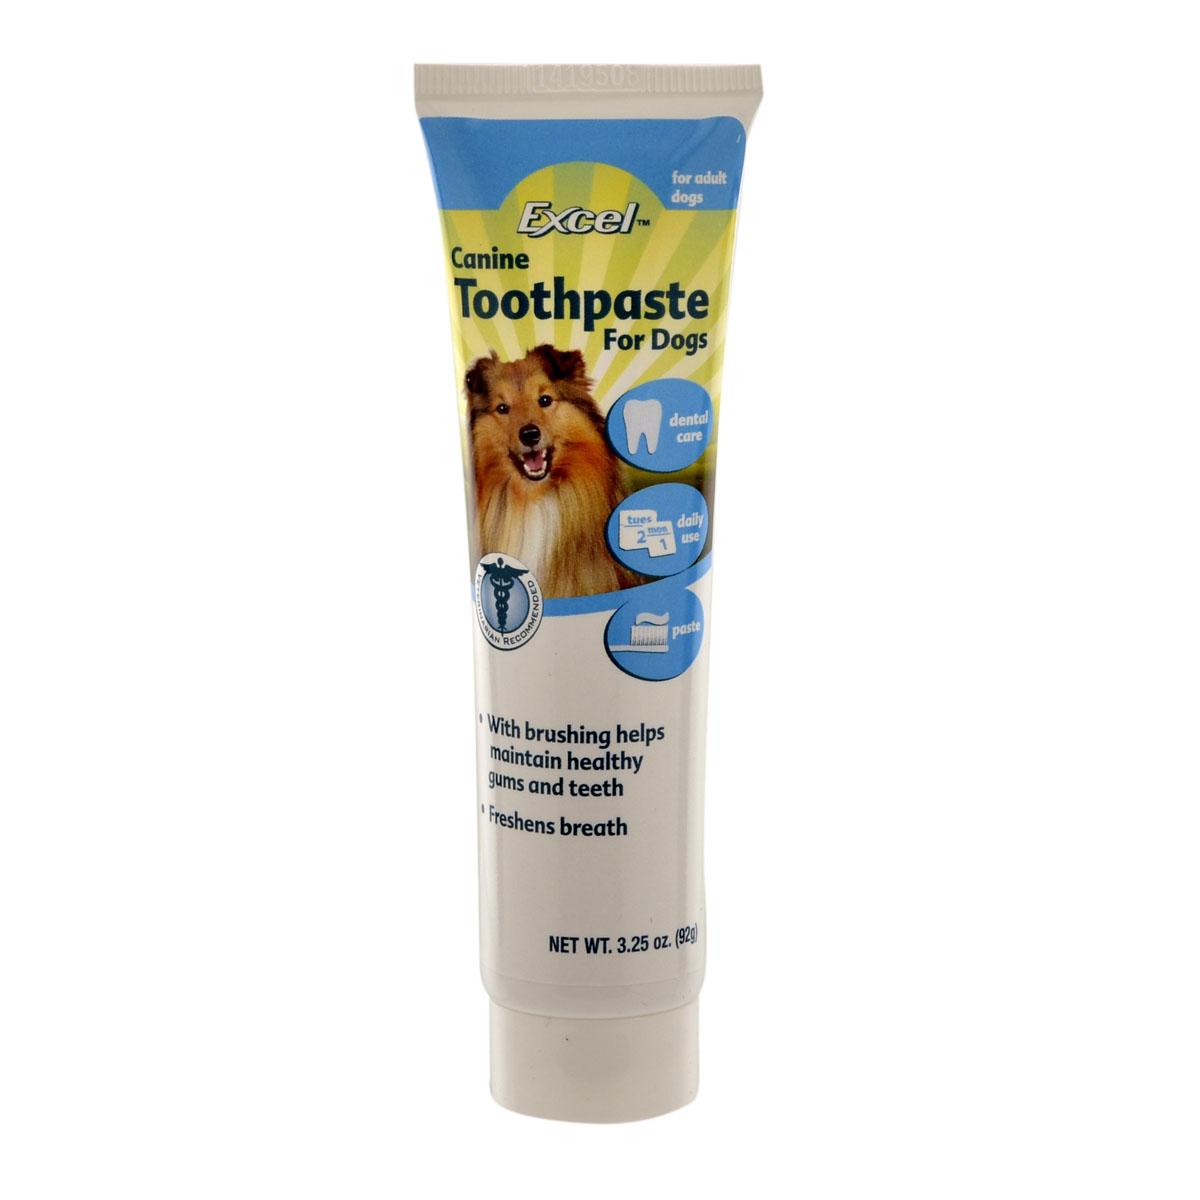 Зубная паста для собак 8in1 Excel Canine Toothpaste свежее дыхание 92 г10740388in1 зубная паста для собак Excel Canine Toothpaste свежее дыхание 92 г Зубная паста помогает сохранить здоровье зубов и десен вашей собаки. Благодаря специальным компонентам паста очищает зубы, снимает зубной налет, уничтожает болезнетворные бактерии и убирает неприятный запах из пасти. Регулярное применение пасты профилактирует образование зубного камня.